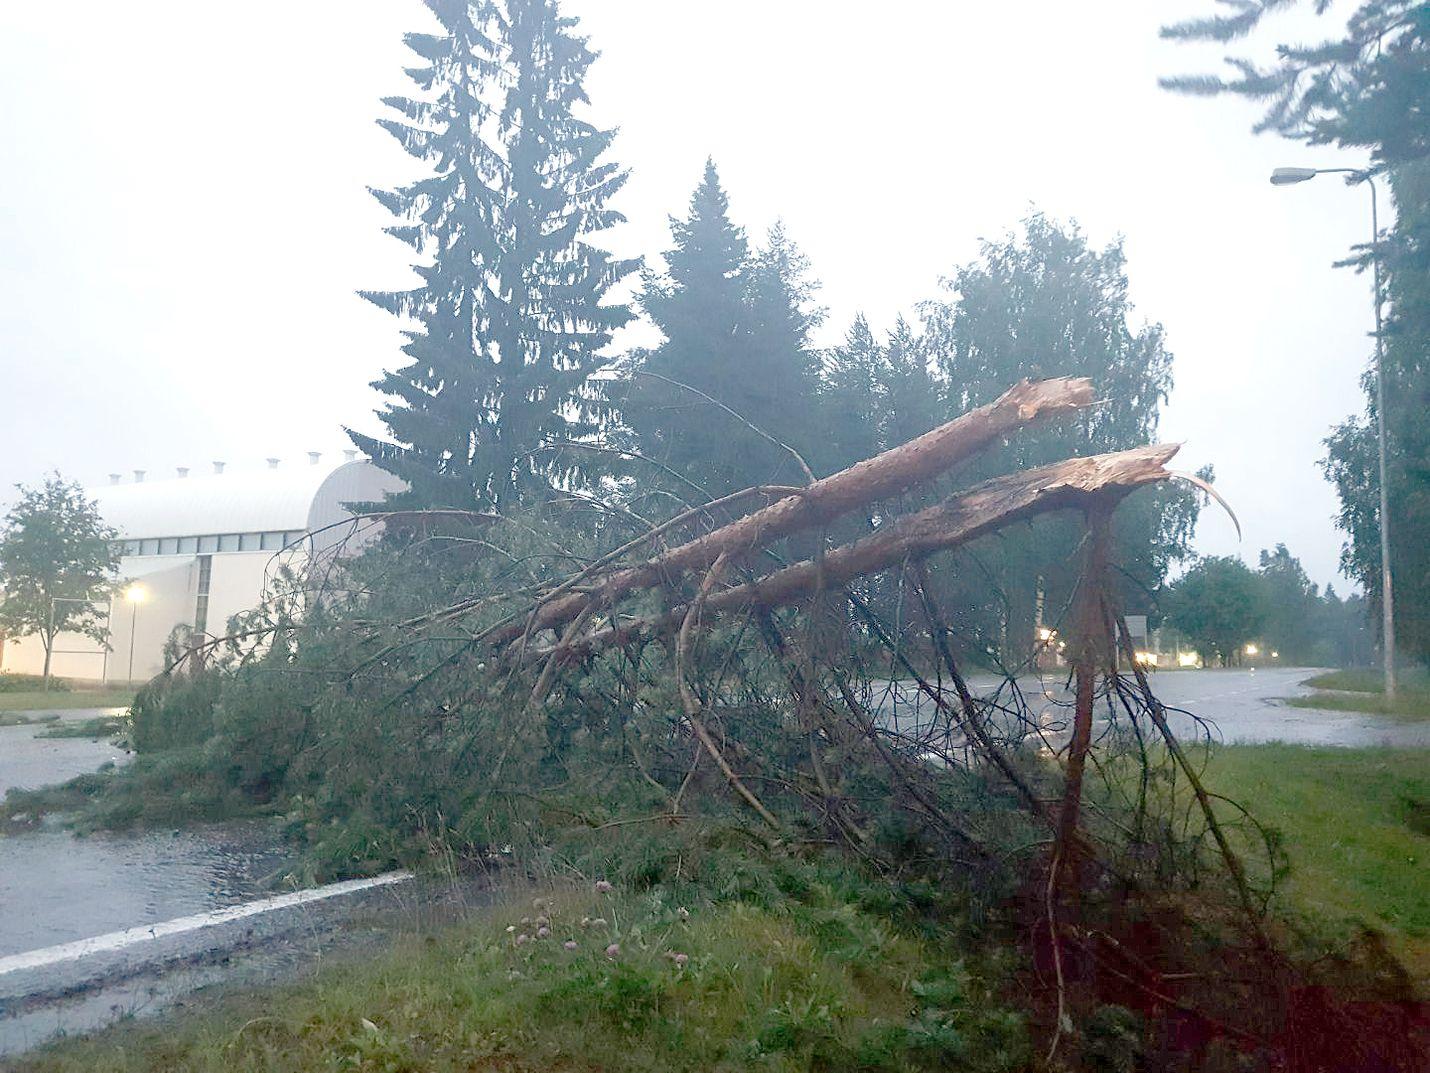 Kaatuneet puut ovat työllistäneet pelastuslaitosta Päivö-myrskyn jäljiltä. Kuva Kajaanista.